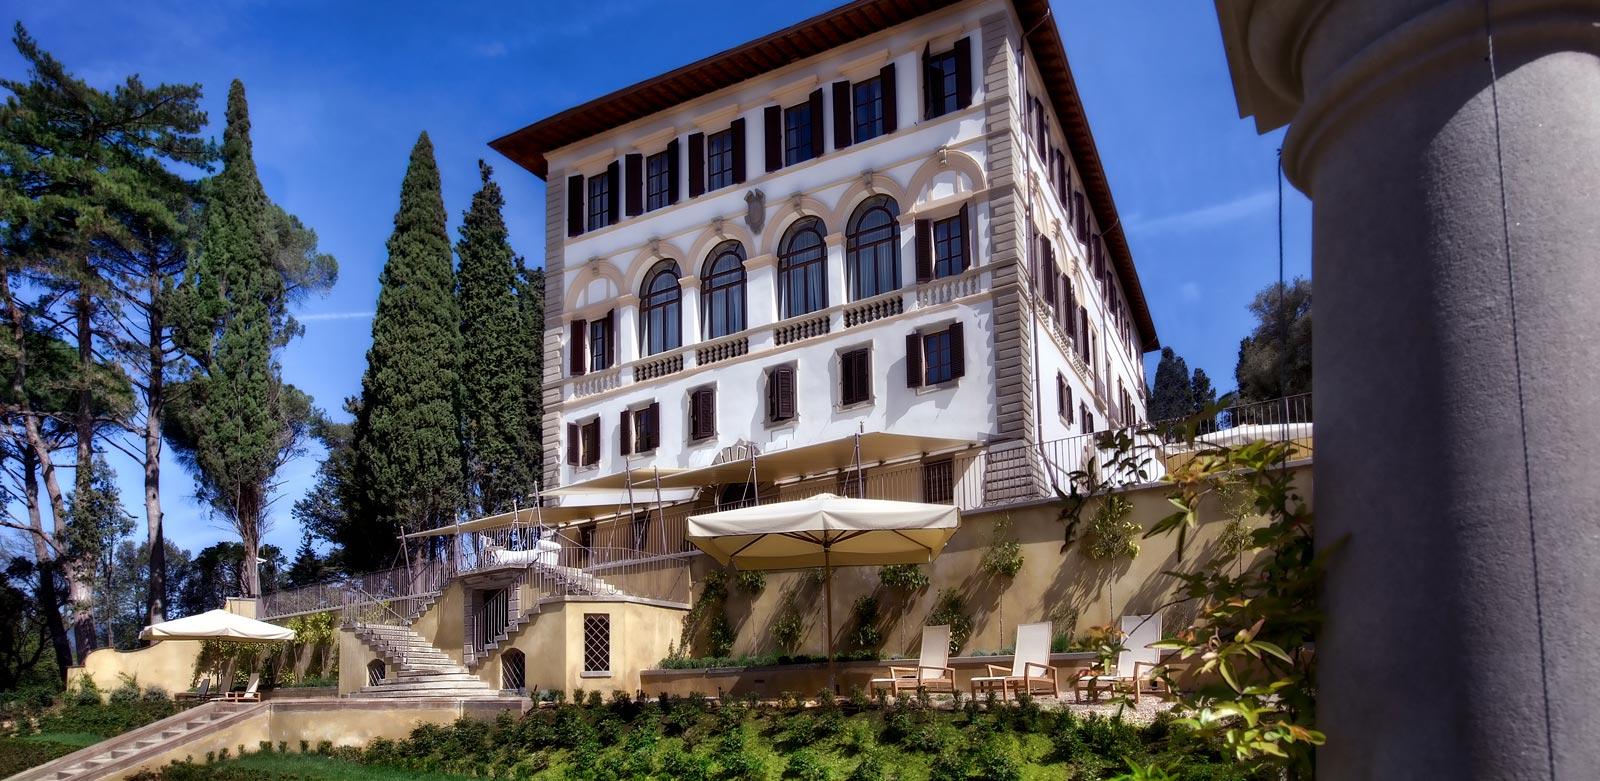 The Villa In all its glory. Photo credit: Il Salviatino